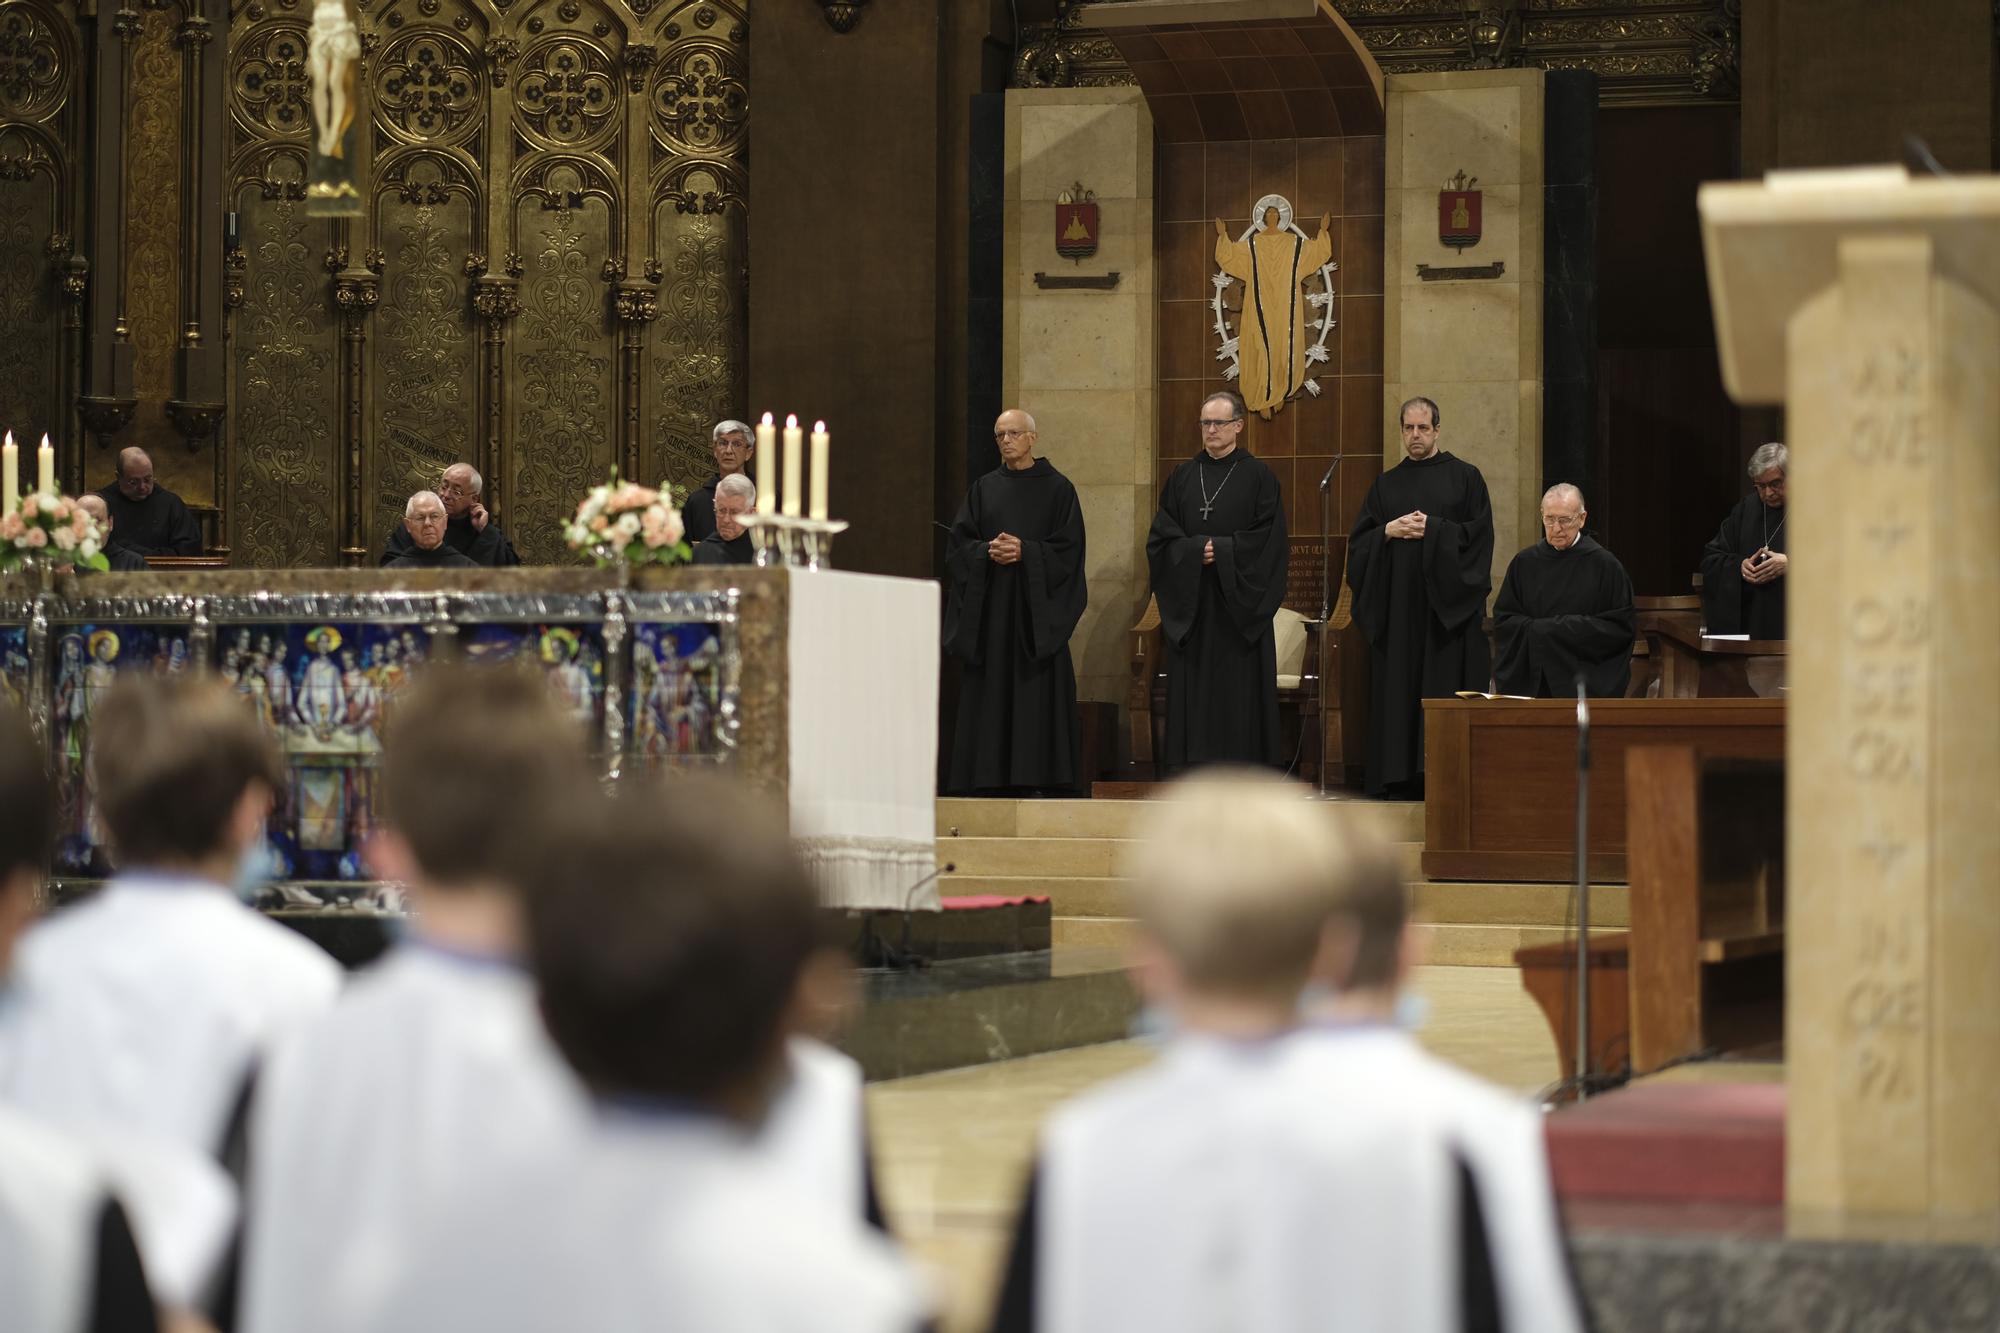 El nou abat de Montserrat s'estrena a la celebració de vespres